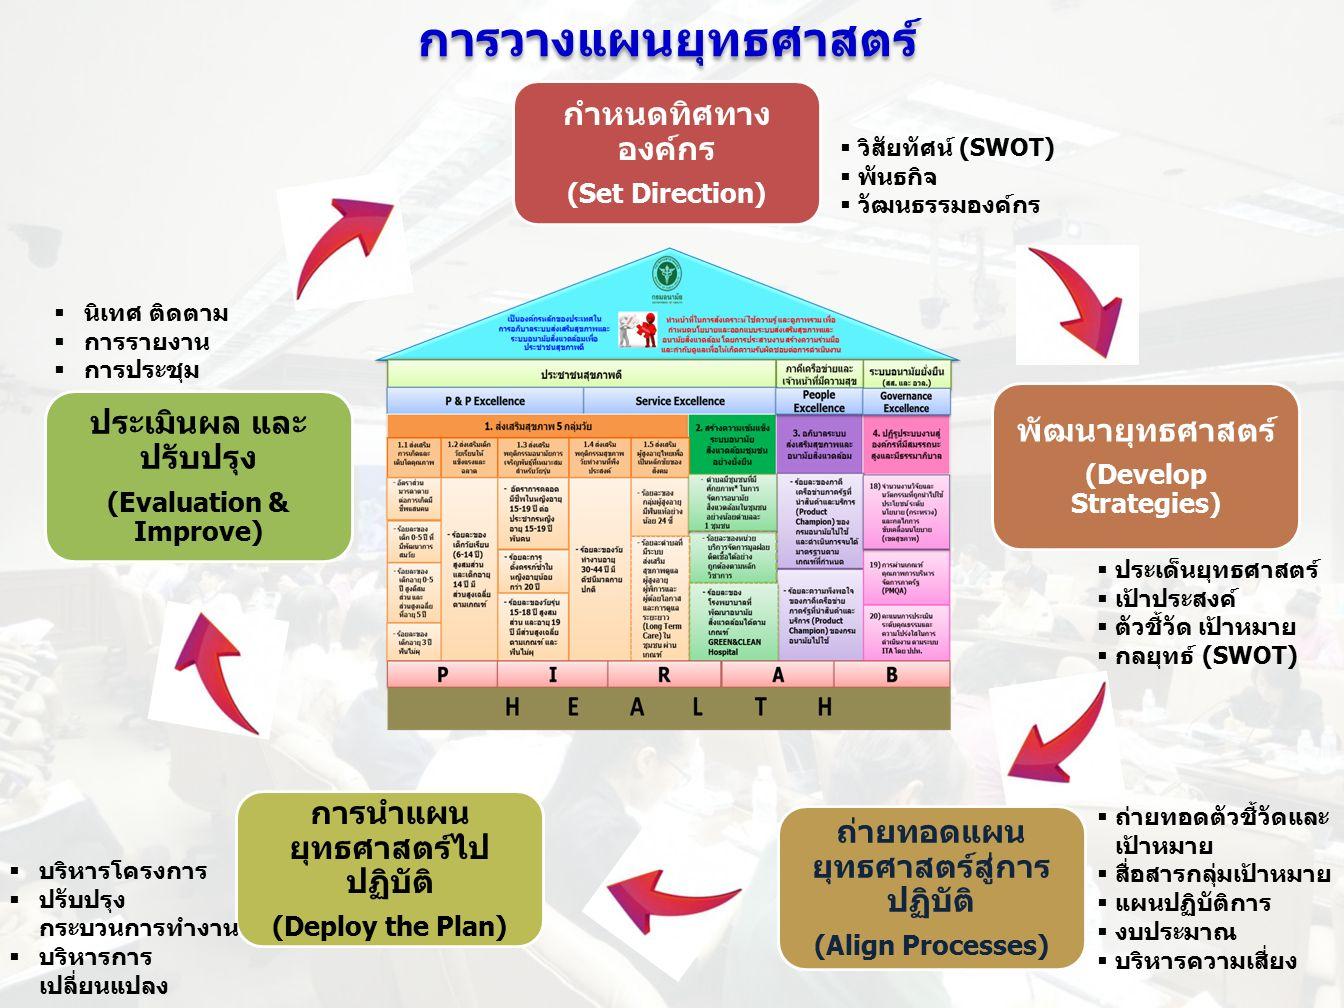 กำหนดทิศทาง องค์กร (Set Direction) พัฒนายุทธศาสตร์ (Develop Strategies) ถ่ายทอดแผน ยุทธศาสตร์สู่การ ปฏิบัติ (Align Processes) การนำแผน ยุทธศาสตร์ไป ปฏิบัติ (Deploy the Plan) ประเมินผล และ ปรับปรุง (Evaluation & Improve) การวางแผนยุทธศาสตร์  ประเด็นยุทธศาสตร์  เป้าประสงค์  ตัวชี้วัด เป้าหมาย  กลยุทธ์ (SWOT)  ถ่ายทอดตัวชี้วัดและ เป้าหมาย  สื่อสารกลุ่มเป้าหมาย  แผนปฏิบัติการ  งบประมาณ  บริหารความเสี่ยง  บริหารโครงการ  ปรับปรุง กระบวนการทำงาน  บริหารการ เปลี่ยนแปลง  นิเทศ ติดตาม  การรายงาน  การประชุม  วิสัยทัศน์ (SWOT)  พันธกิจ  วัฒนธรรมองค์กร